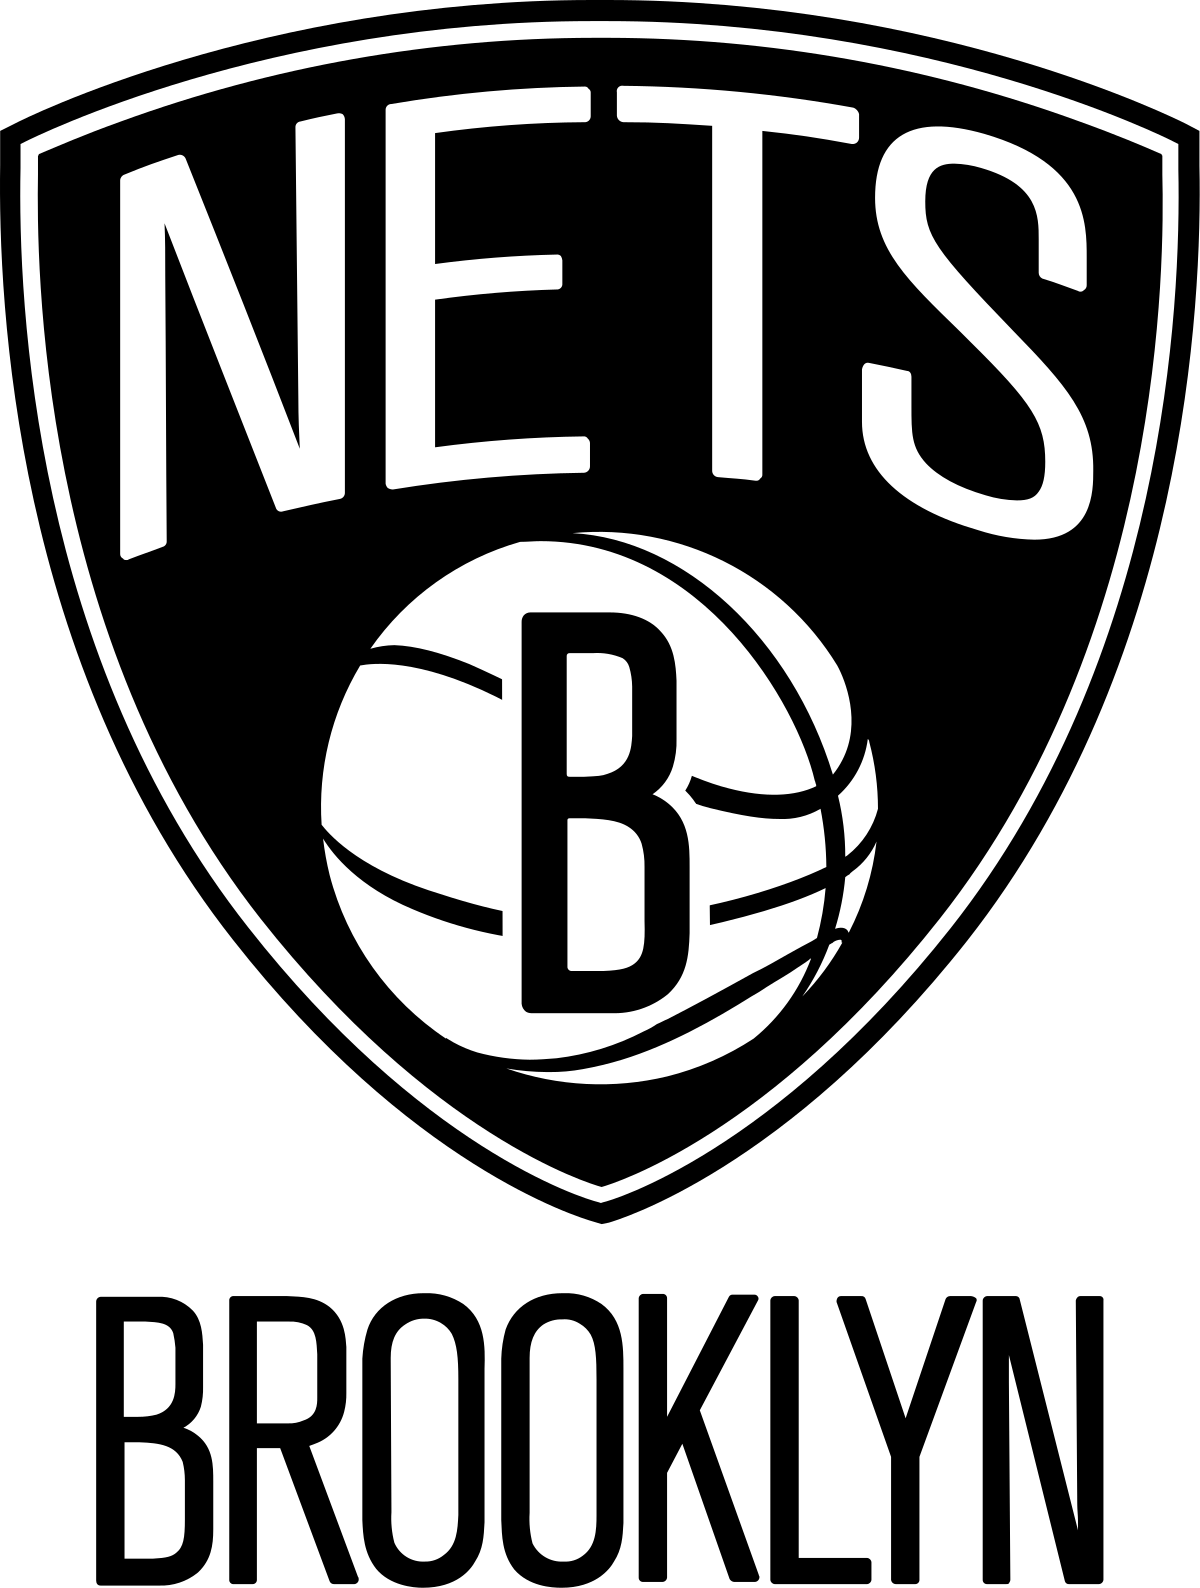 篮网今日比赛首发:勒韦尔、布朗、普林斯、格林、阿伦插图